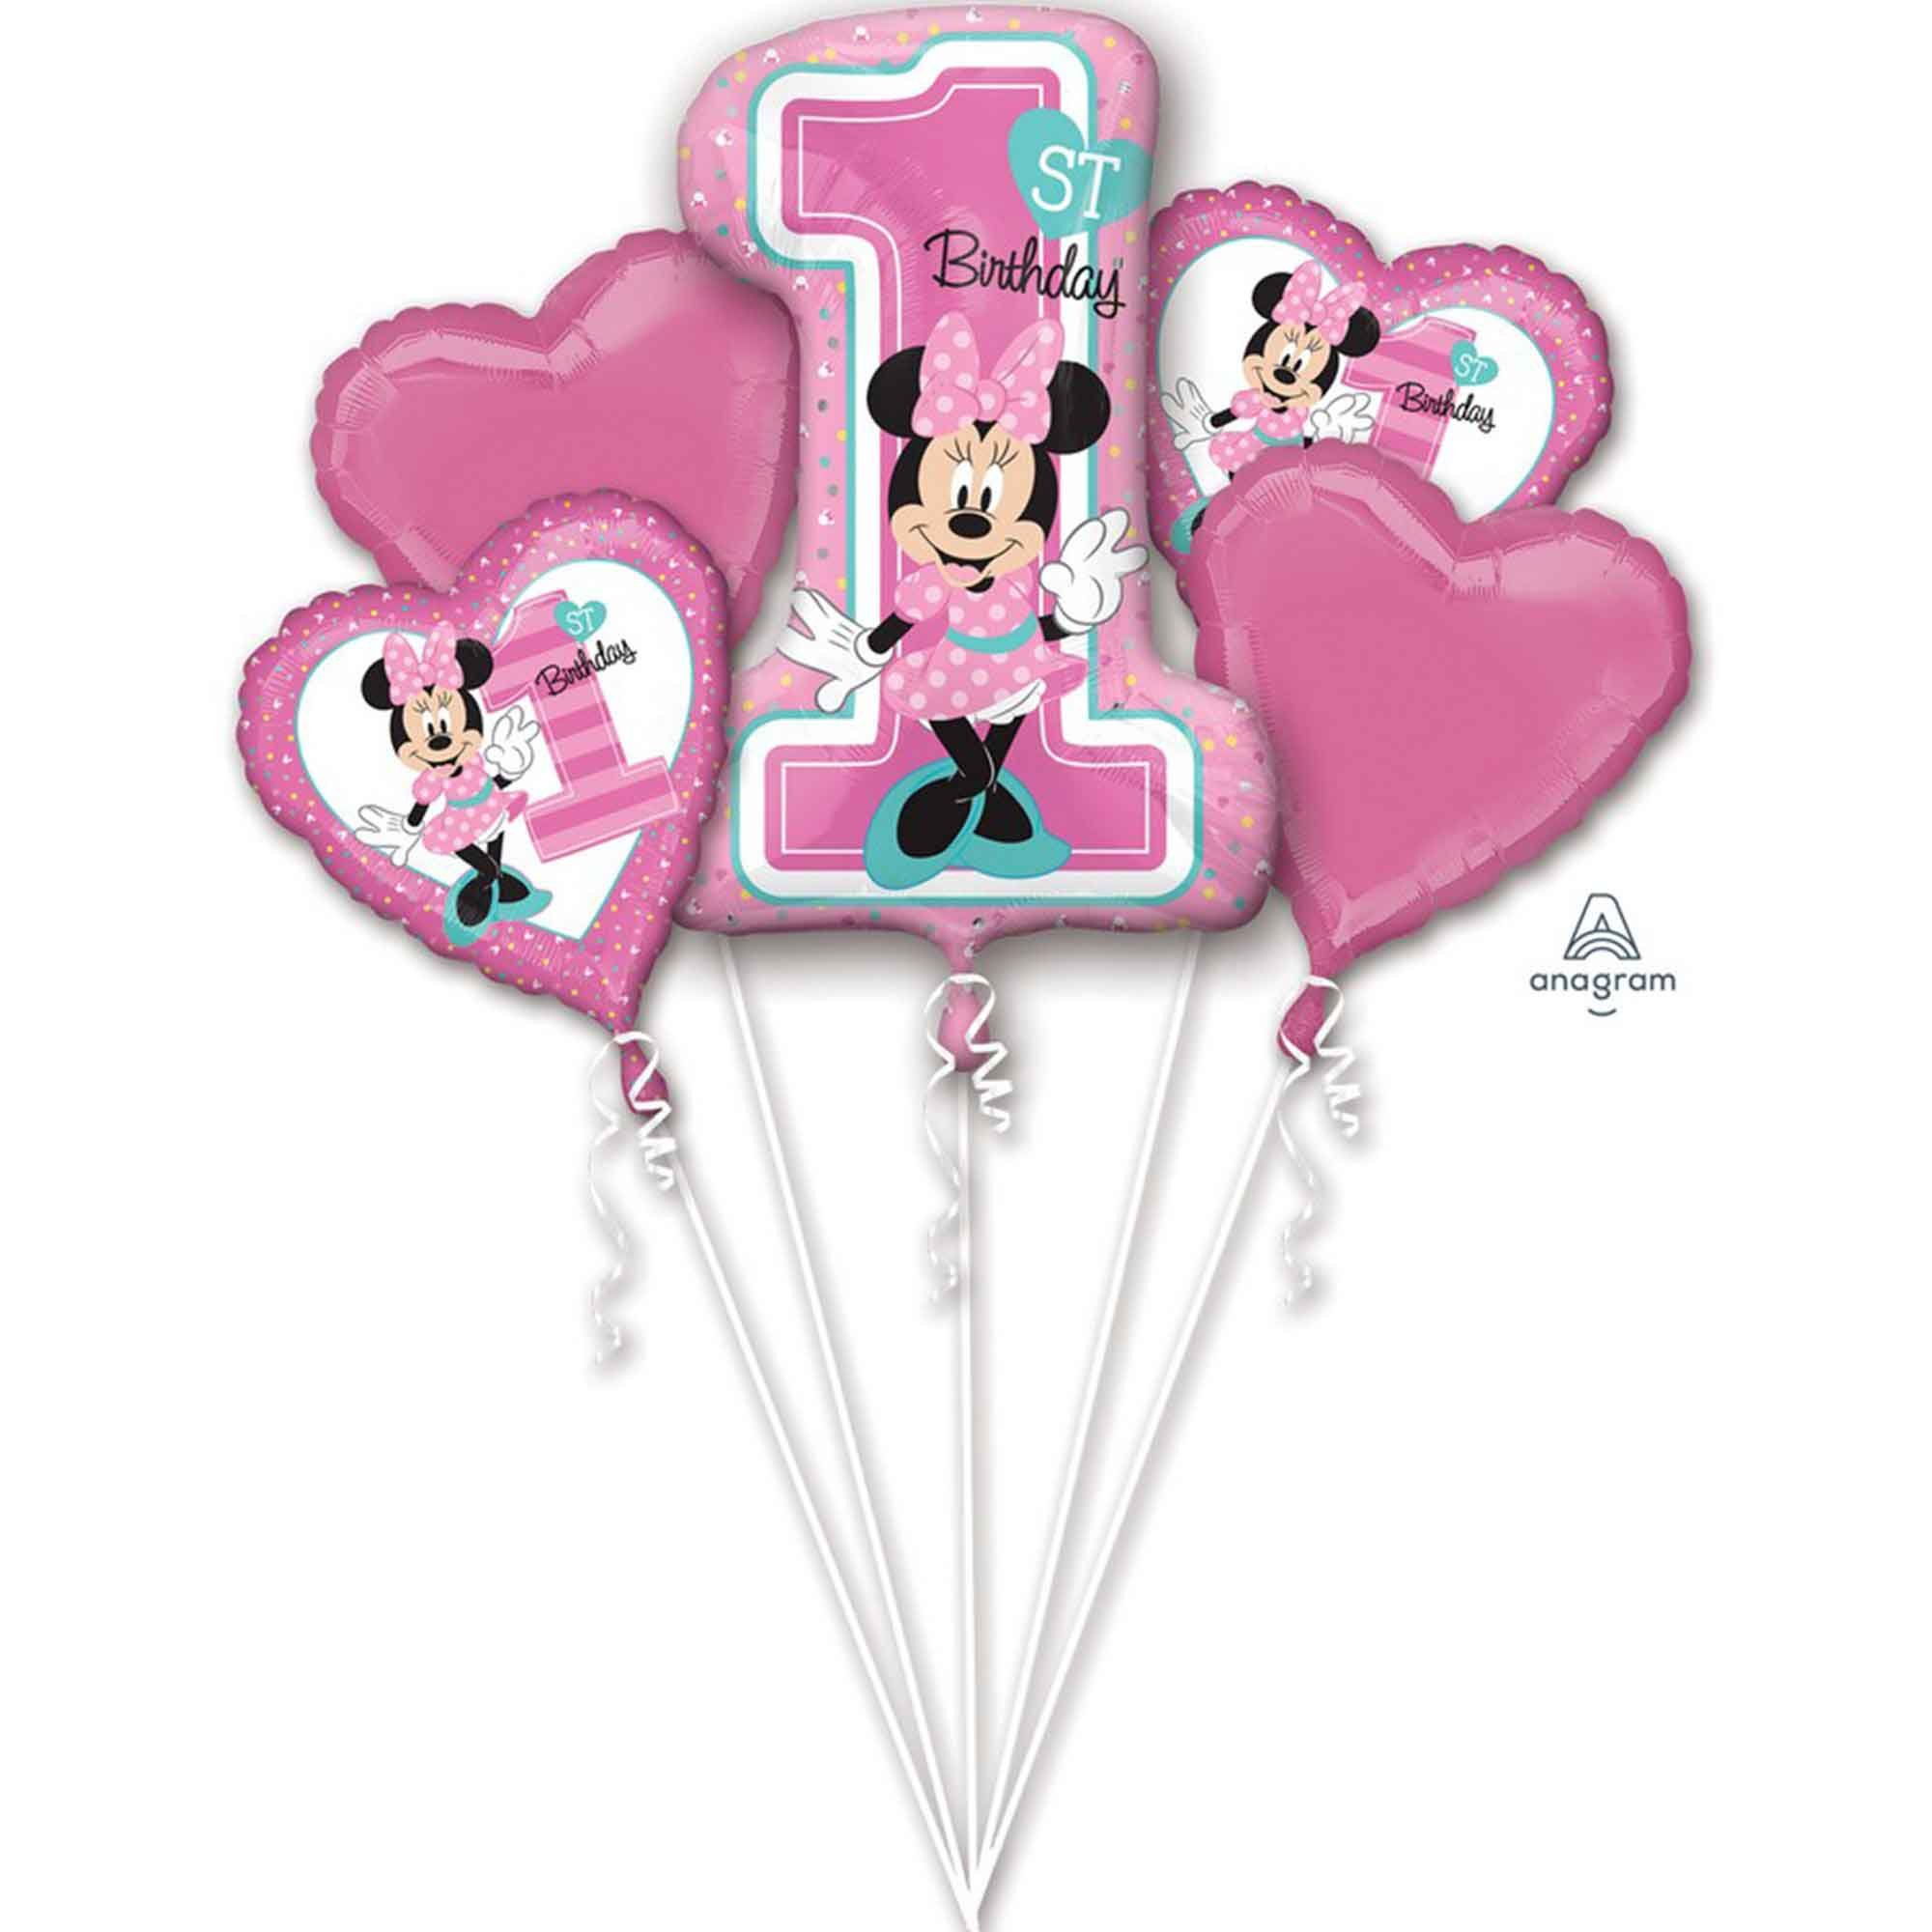 Bouquet Minnie 1st Birthday P75